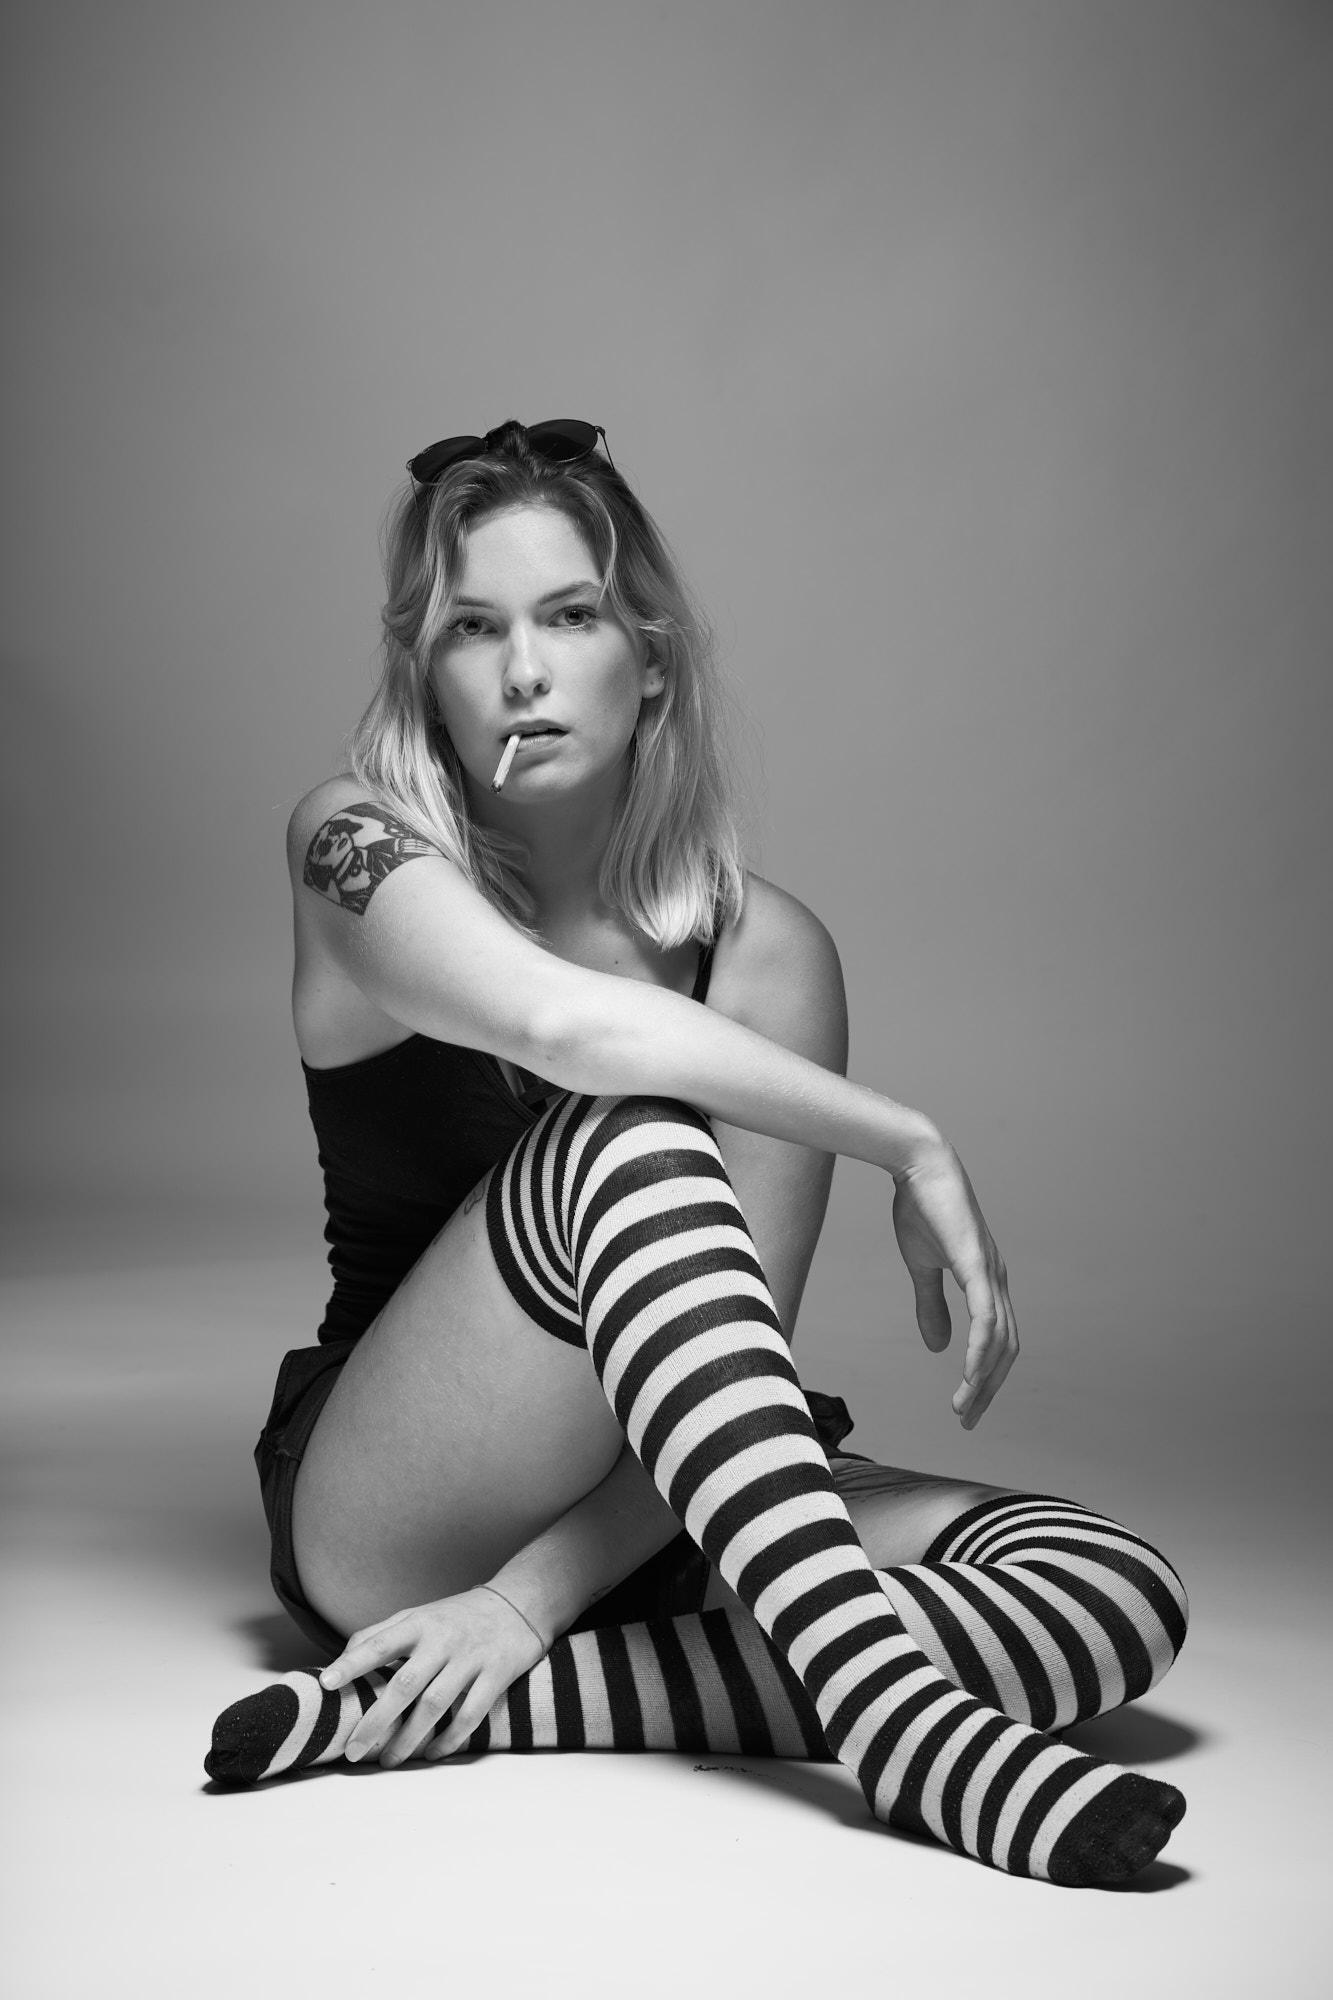 Portrait, chaussettes, noir et blanc, cigarette